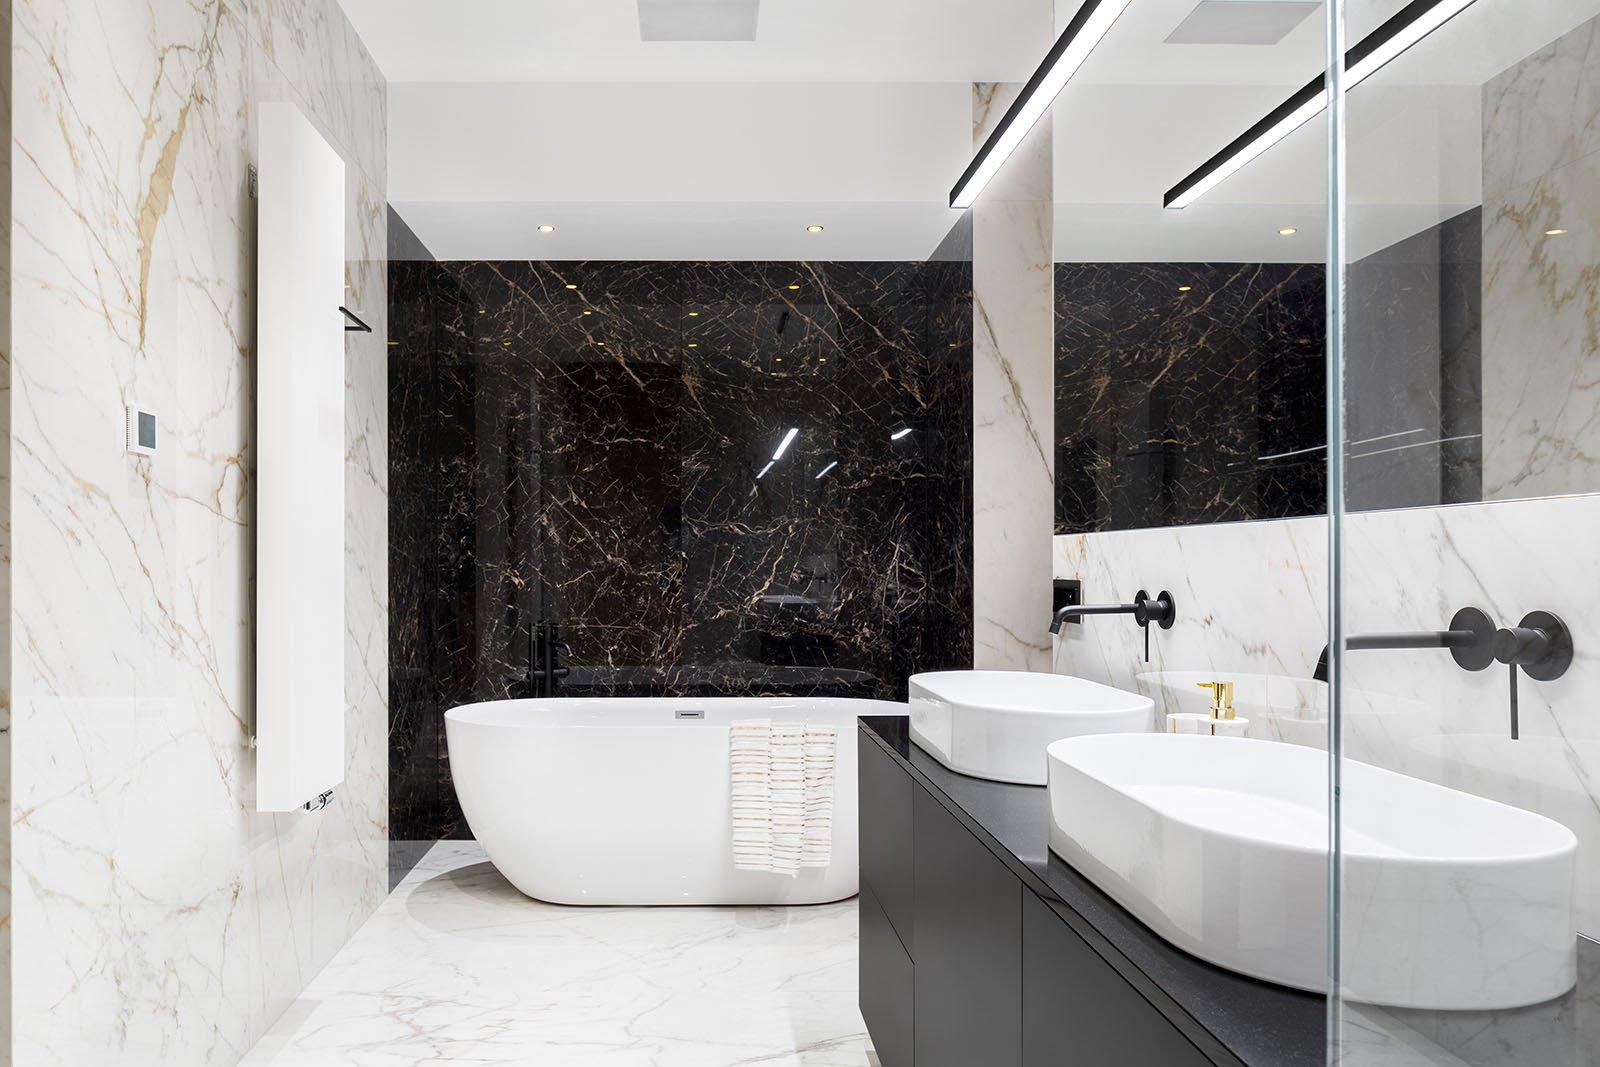 Vid badrumsrenovering i Linköping tillhandahåller vi inte bara kakel och klinkers utan även marmor, som här!